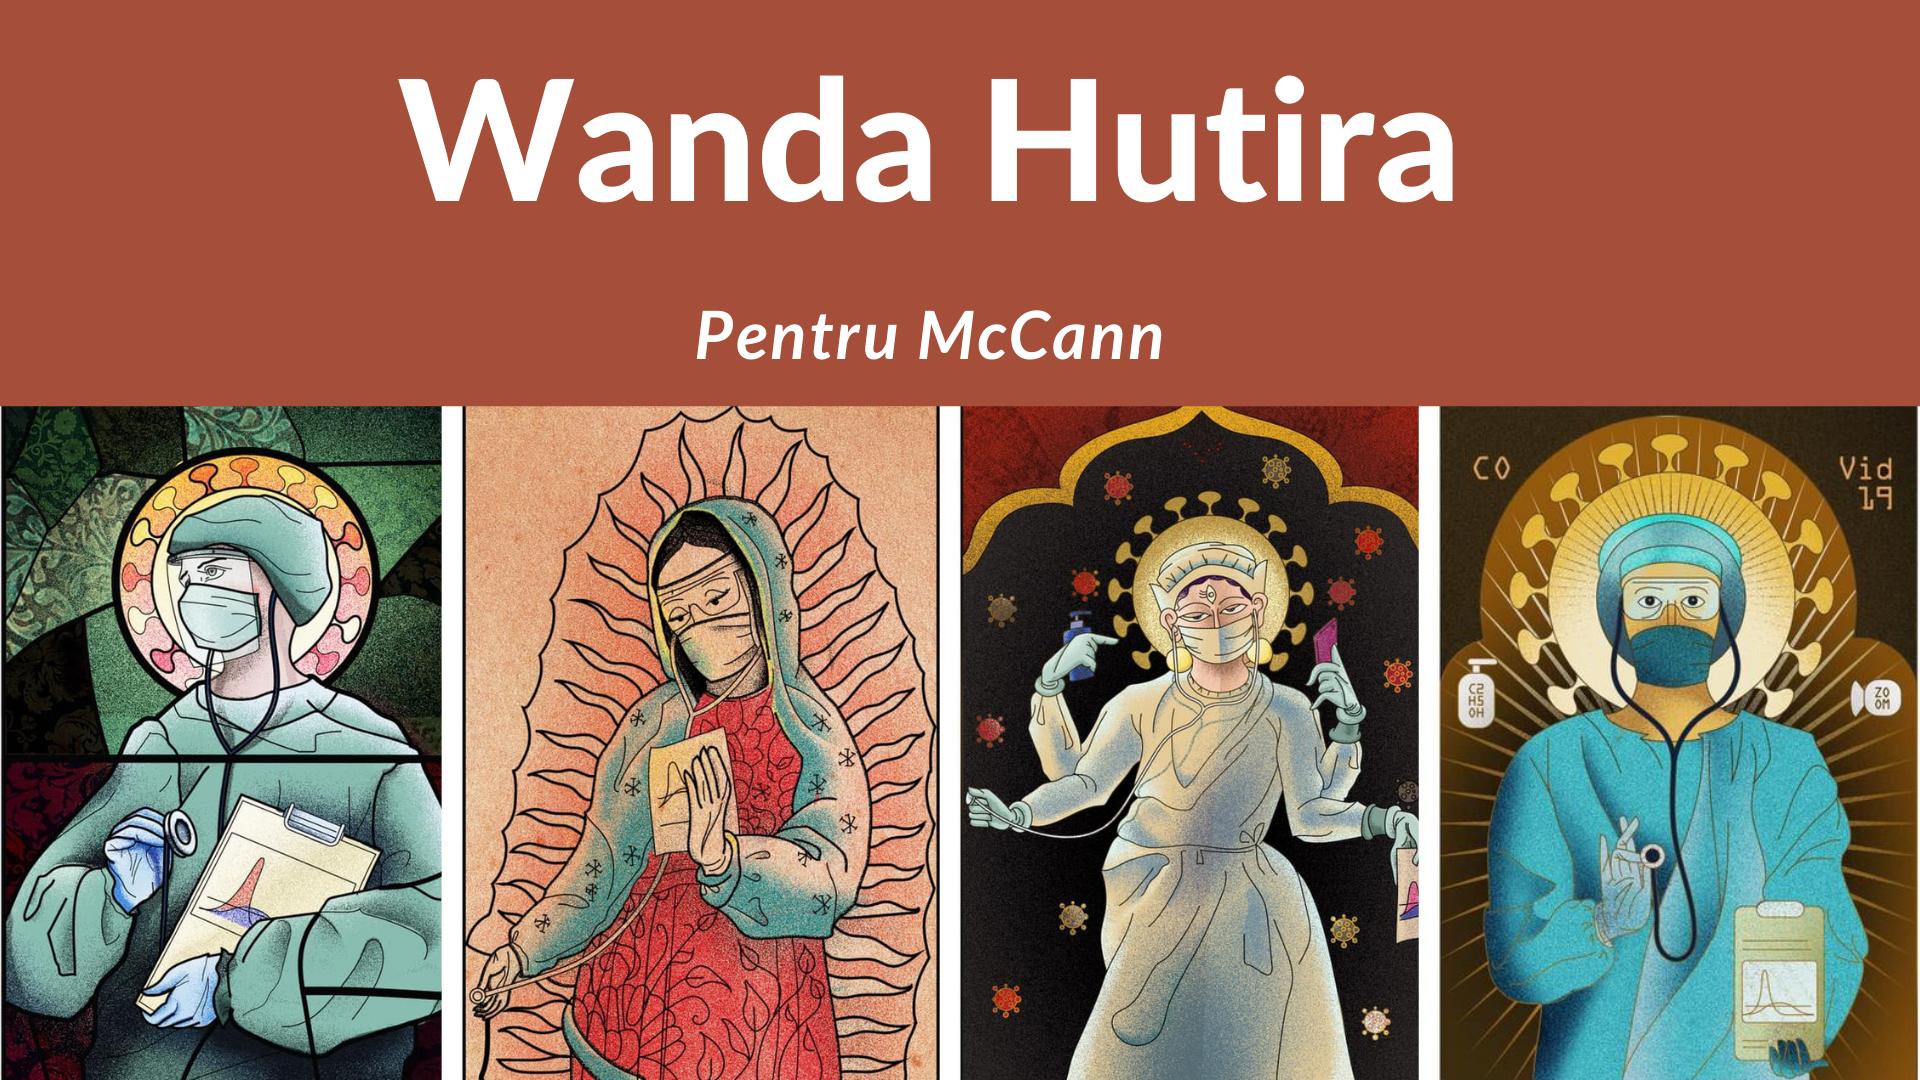 Wanda Hutira - Campanie McCann